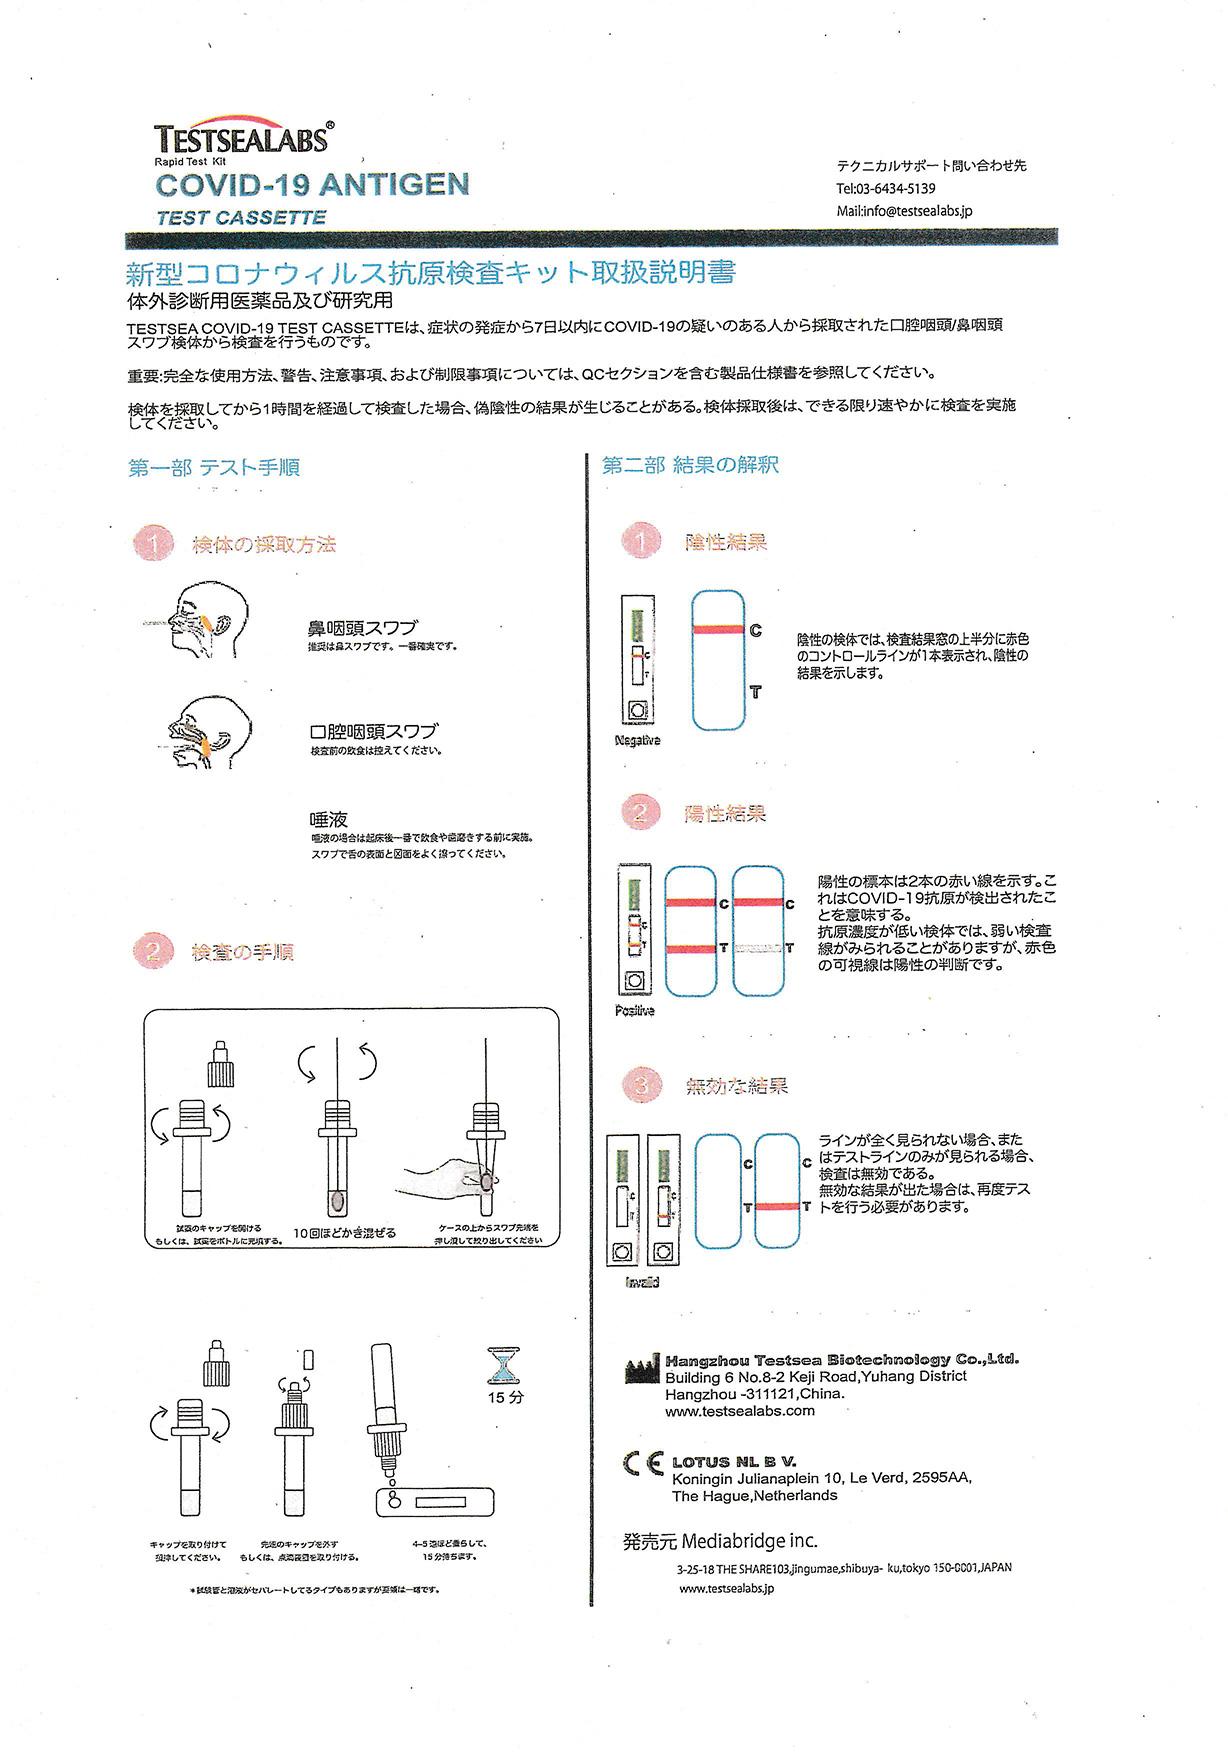 新型コロナウイルス 抗原検査